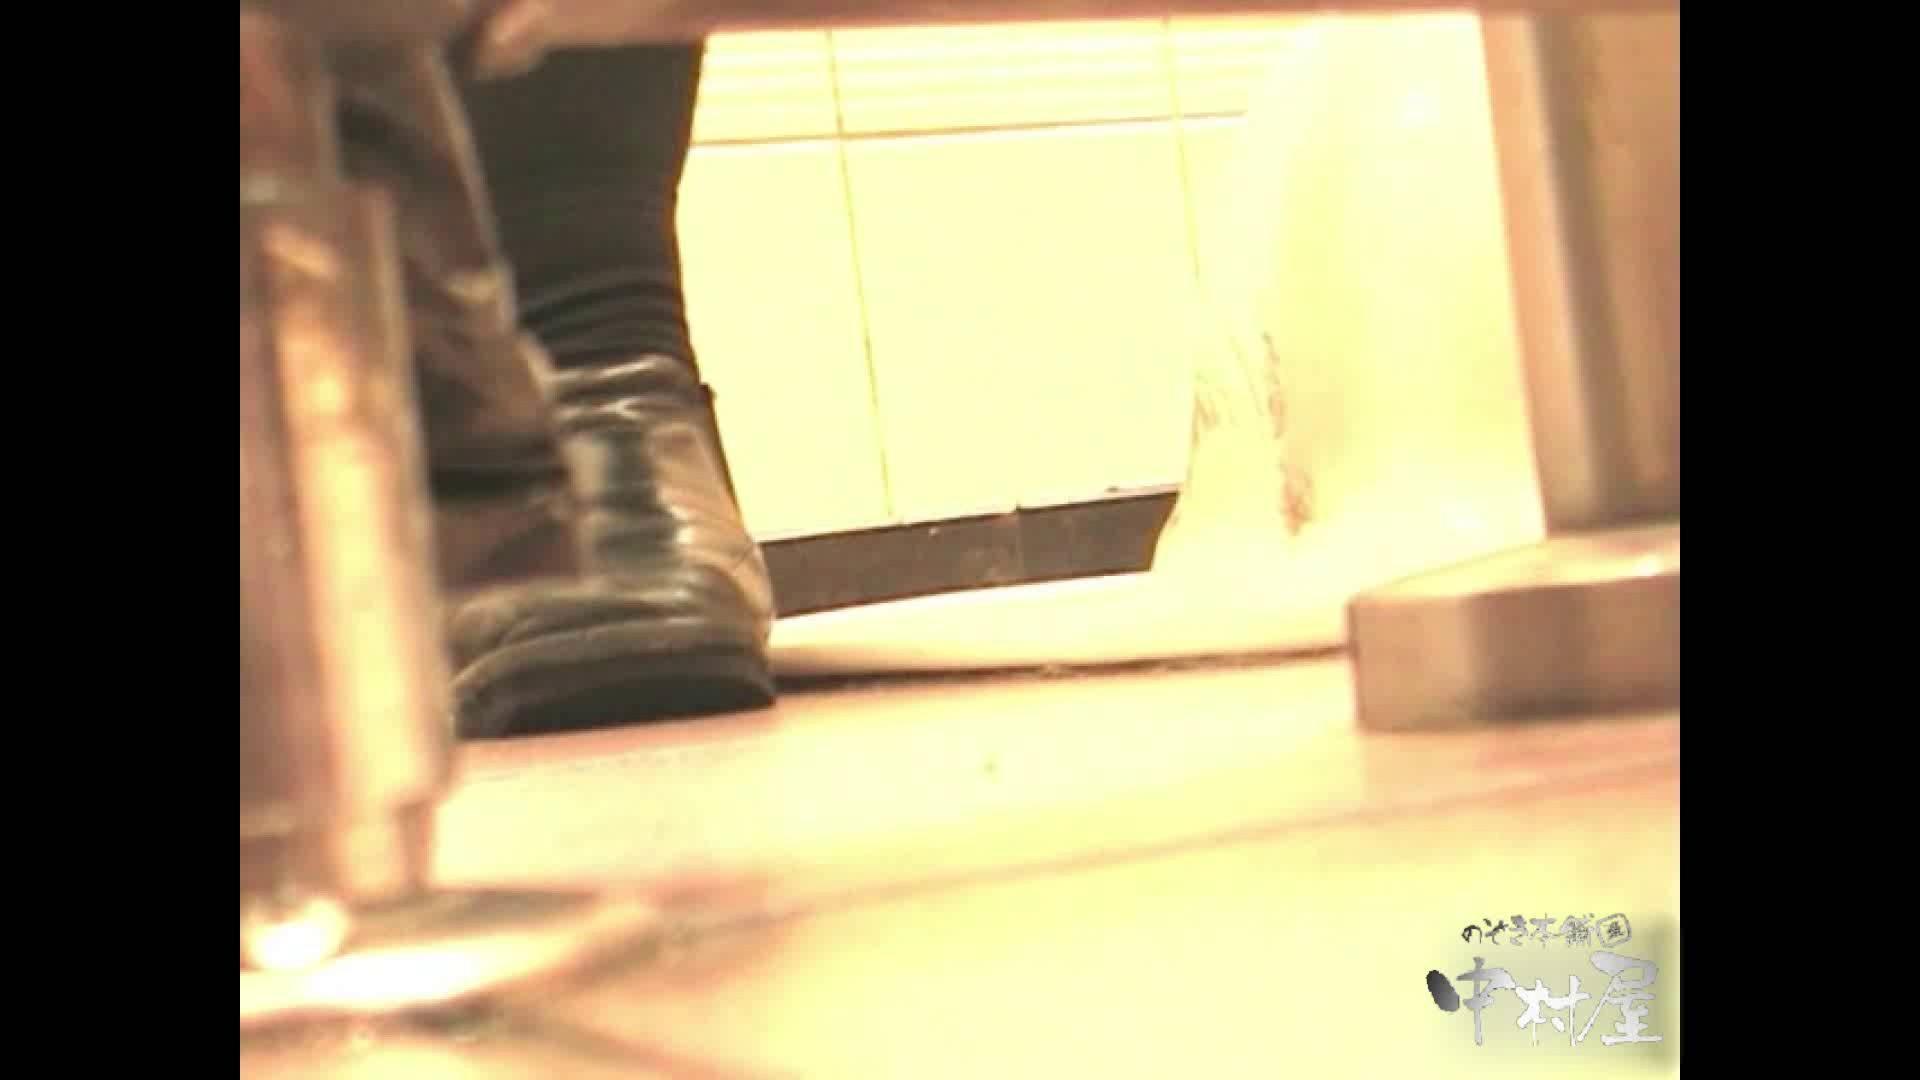 岩手県在住盗撮師盗撮記録vol.01 肛門丸見え セックス無修正動画無料 98pic 94